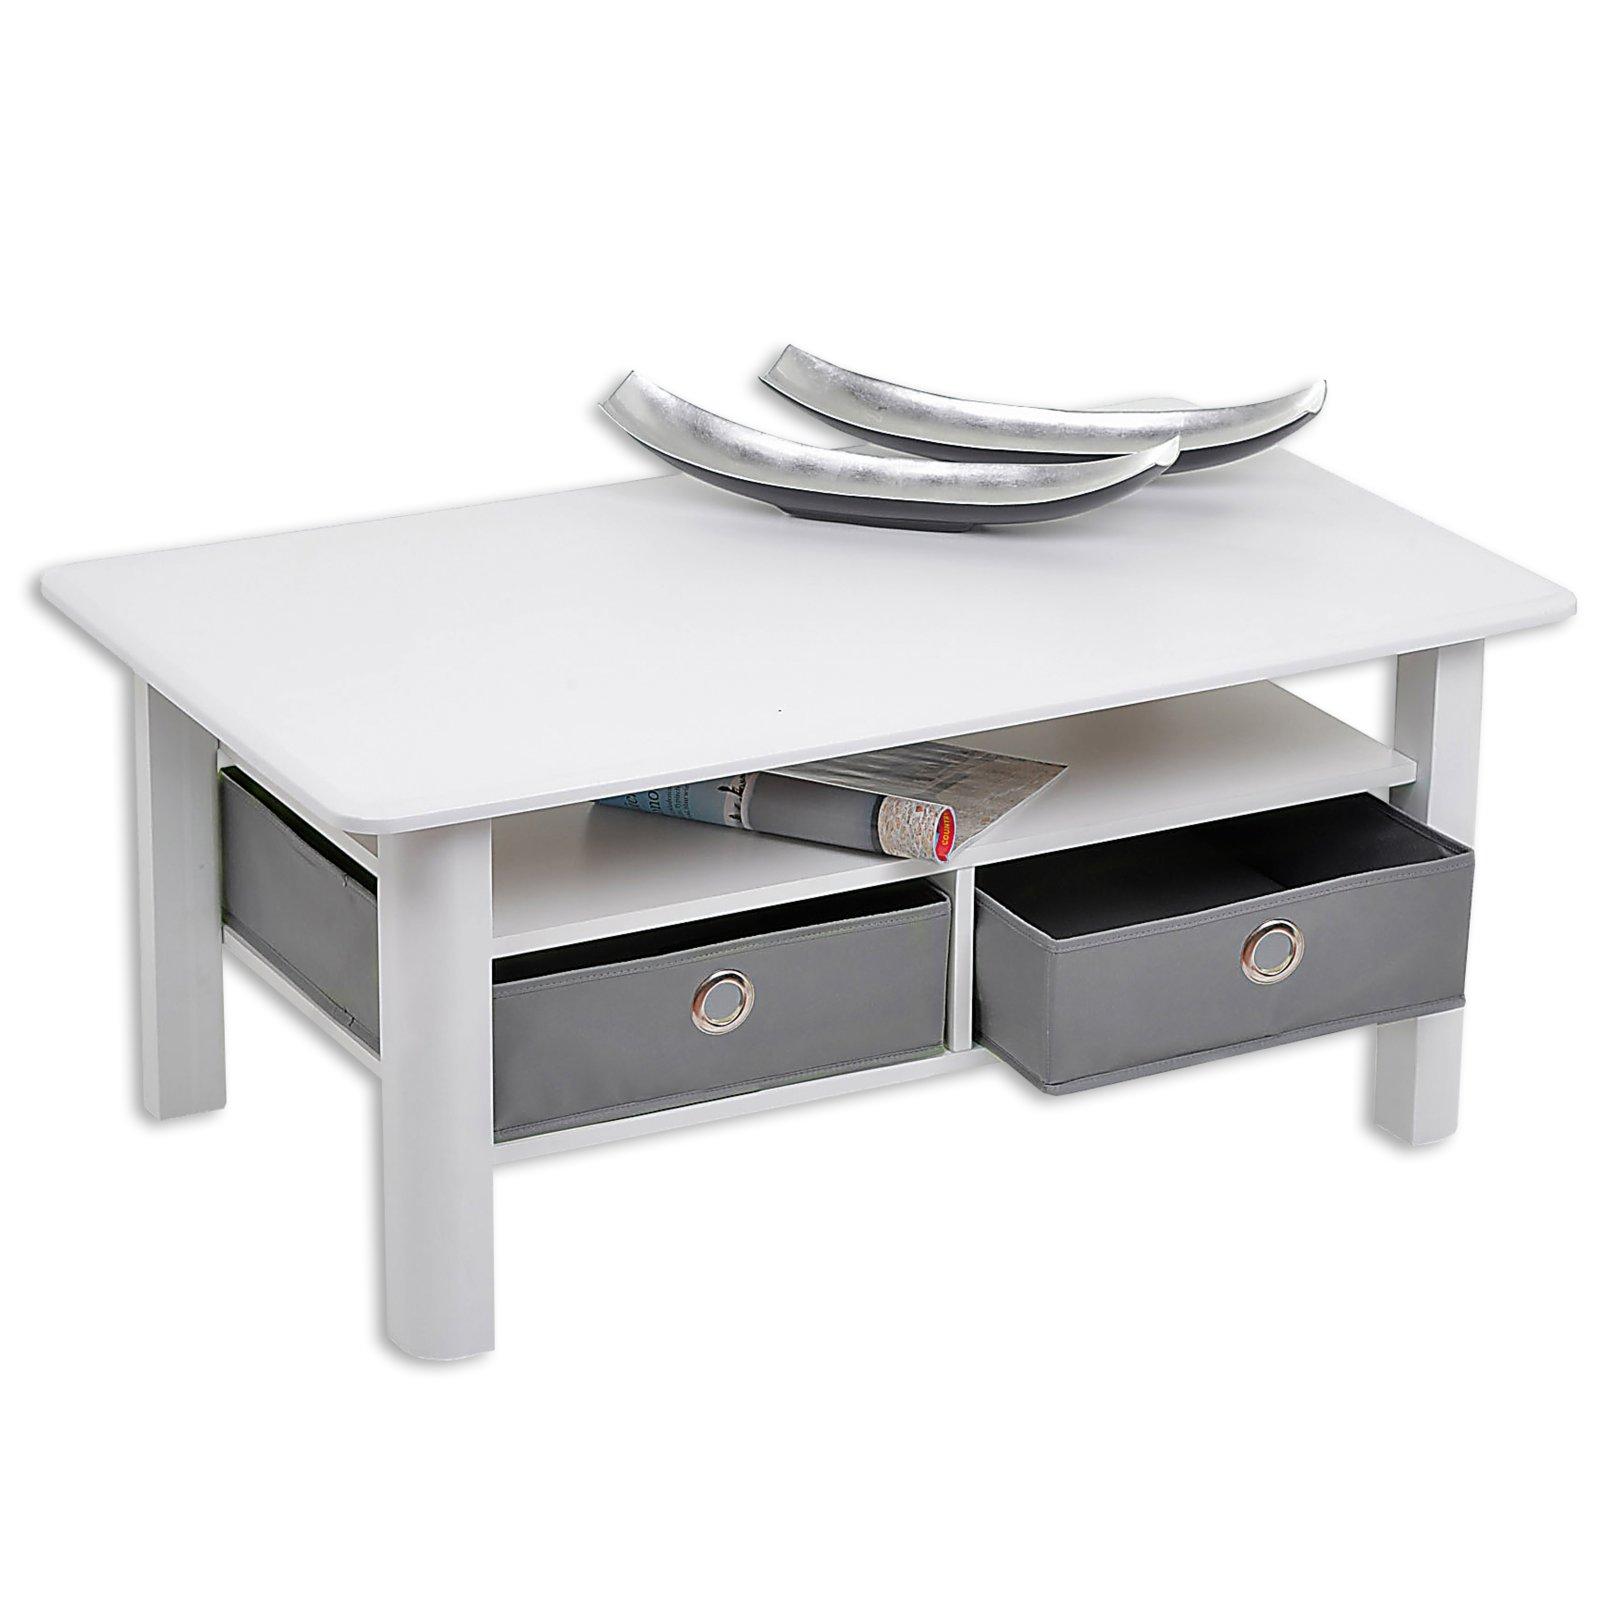 couchtisch plata wei mit 2 faltboxen couchtische. Black Bedroom Furniture Sets. Home Design Ideas